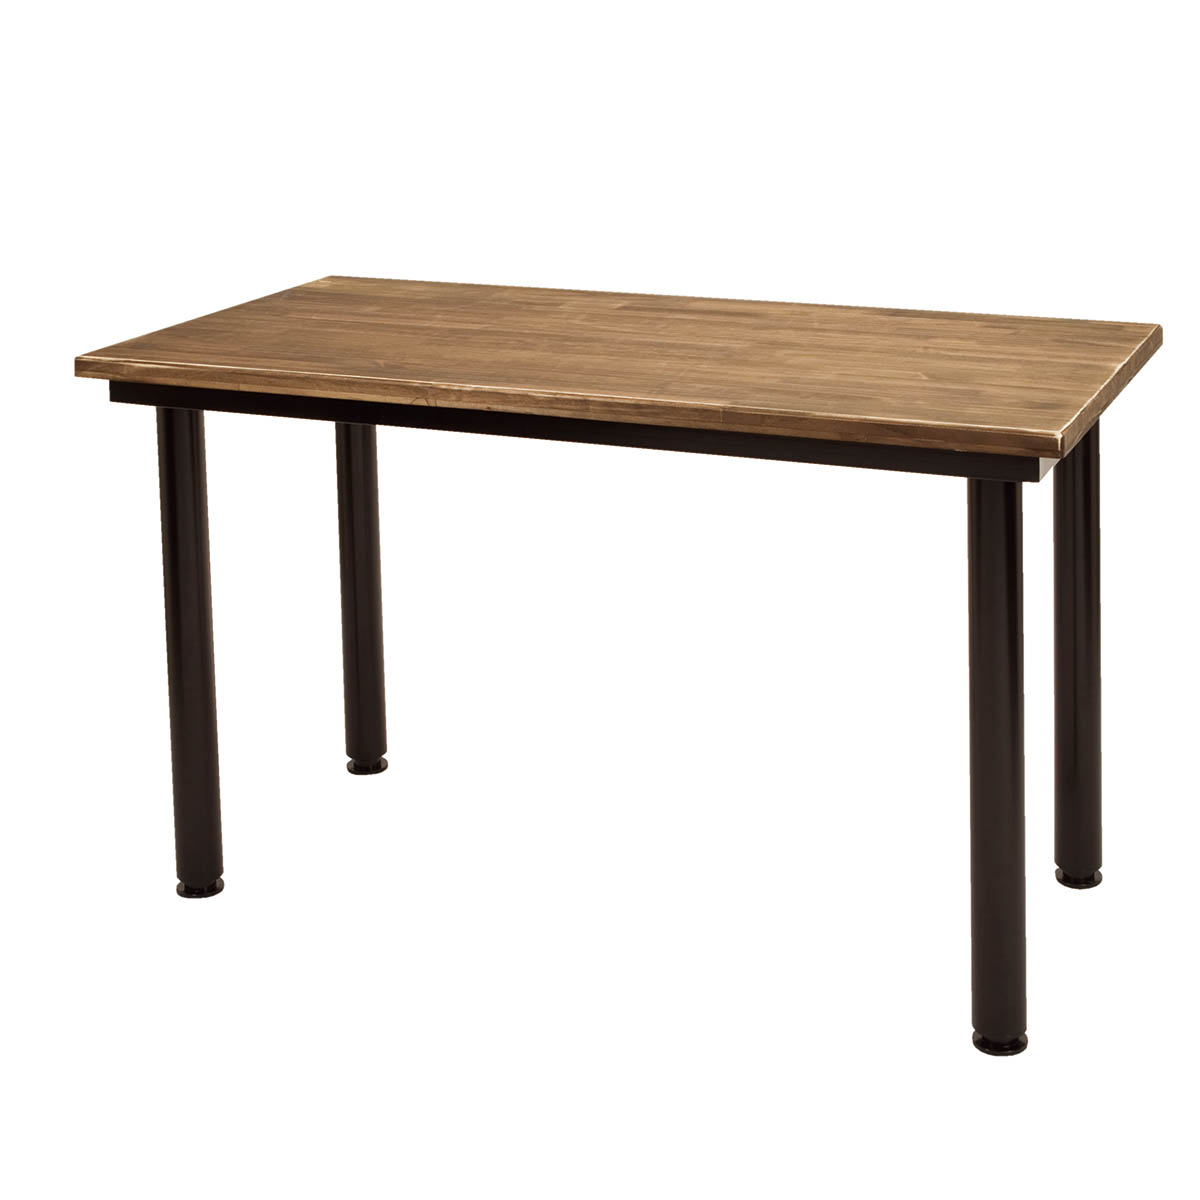 ディスプレイテーブル1200/GD000693【01】【取寄】《 店舗ディスプレイ 店舗ディスプレイ用品 ディスプレイテーブル 》